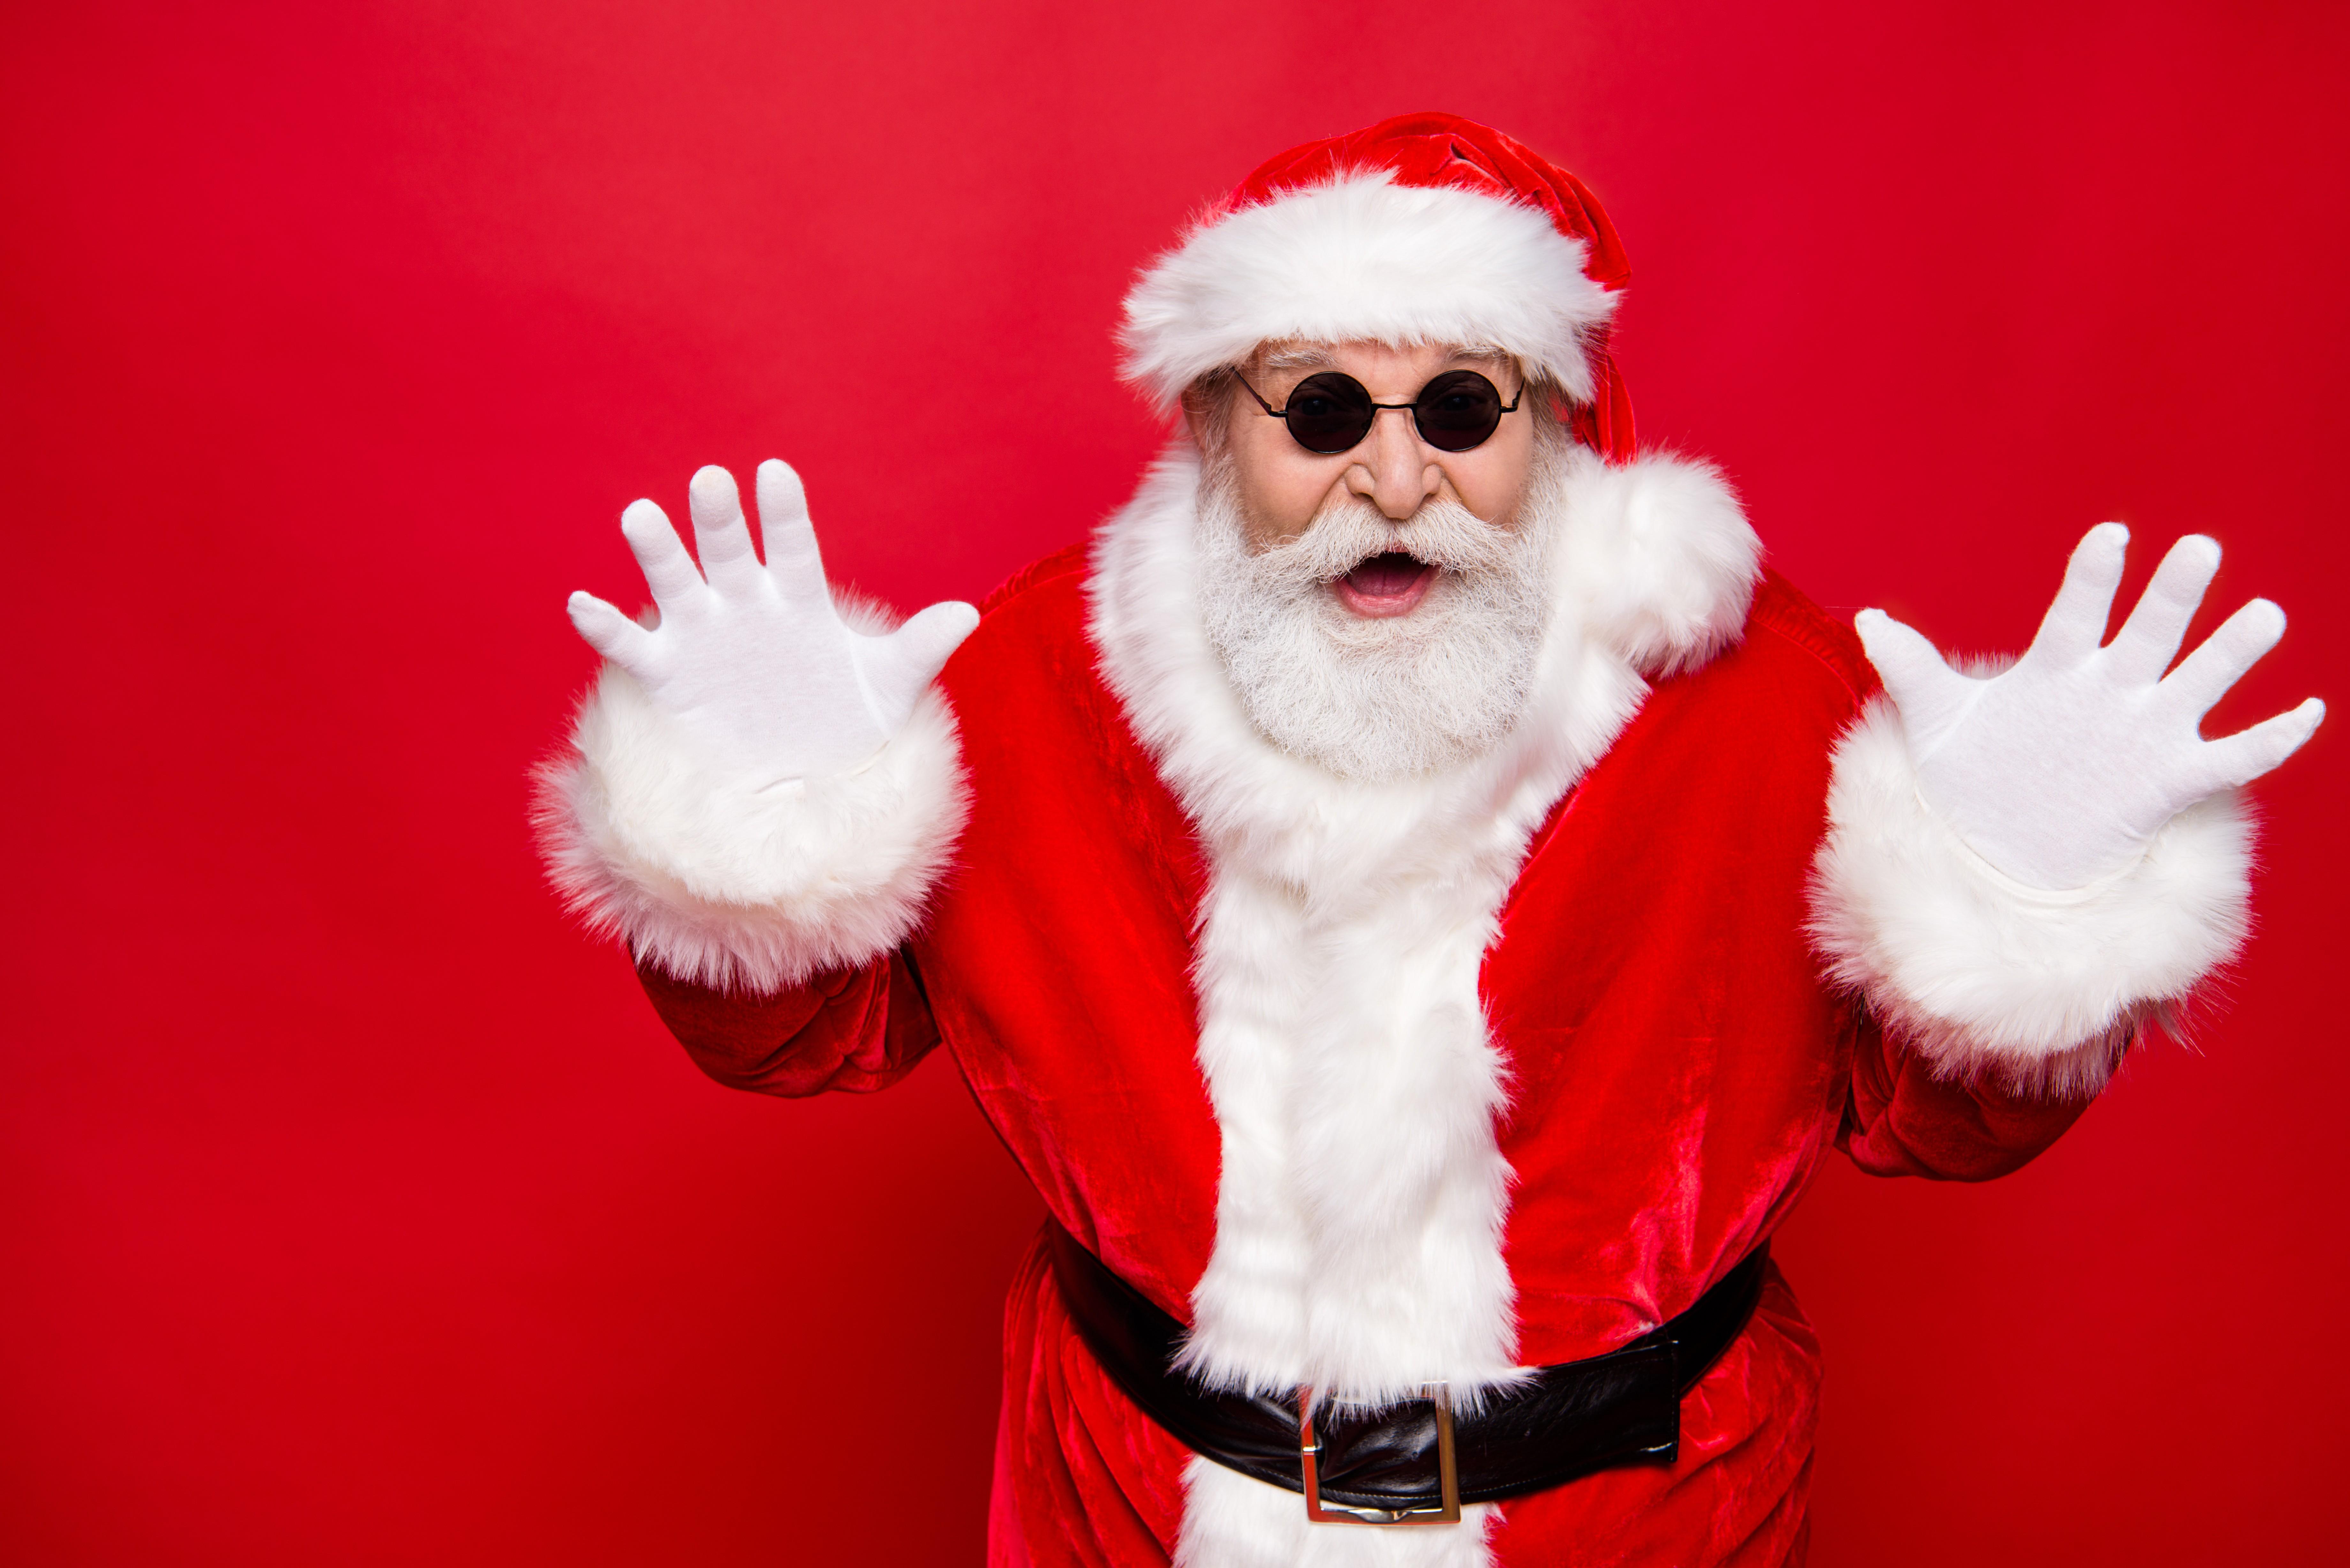 Papai Noel de óculos escuros (Foto: Thinkstock)